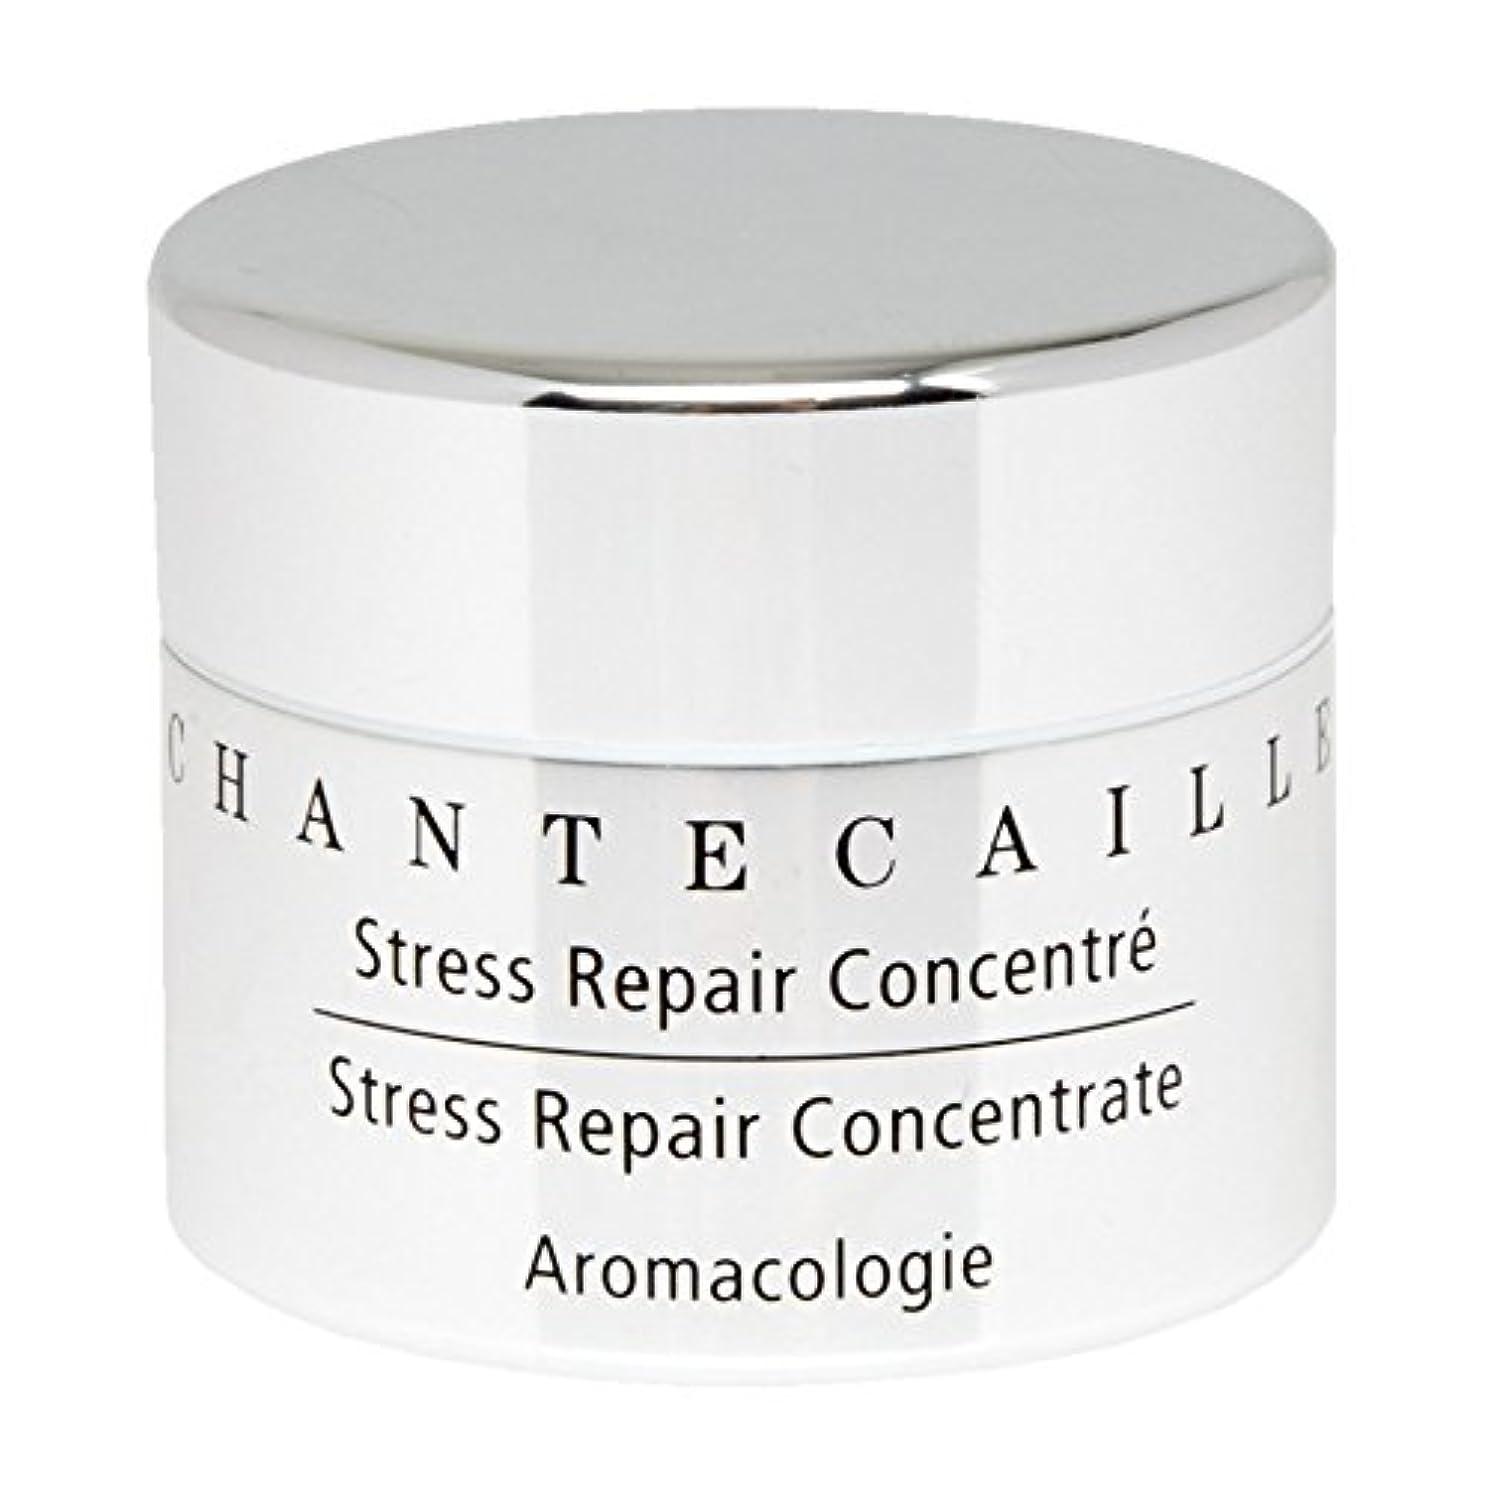 抜け目のない風変わりなミュートChantecaille Stress Repair Concentrate 15ml (Pack of 6) - シャンテカイユストレス修復濃縮15ミリリットル x6 [並行輸入品]